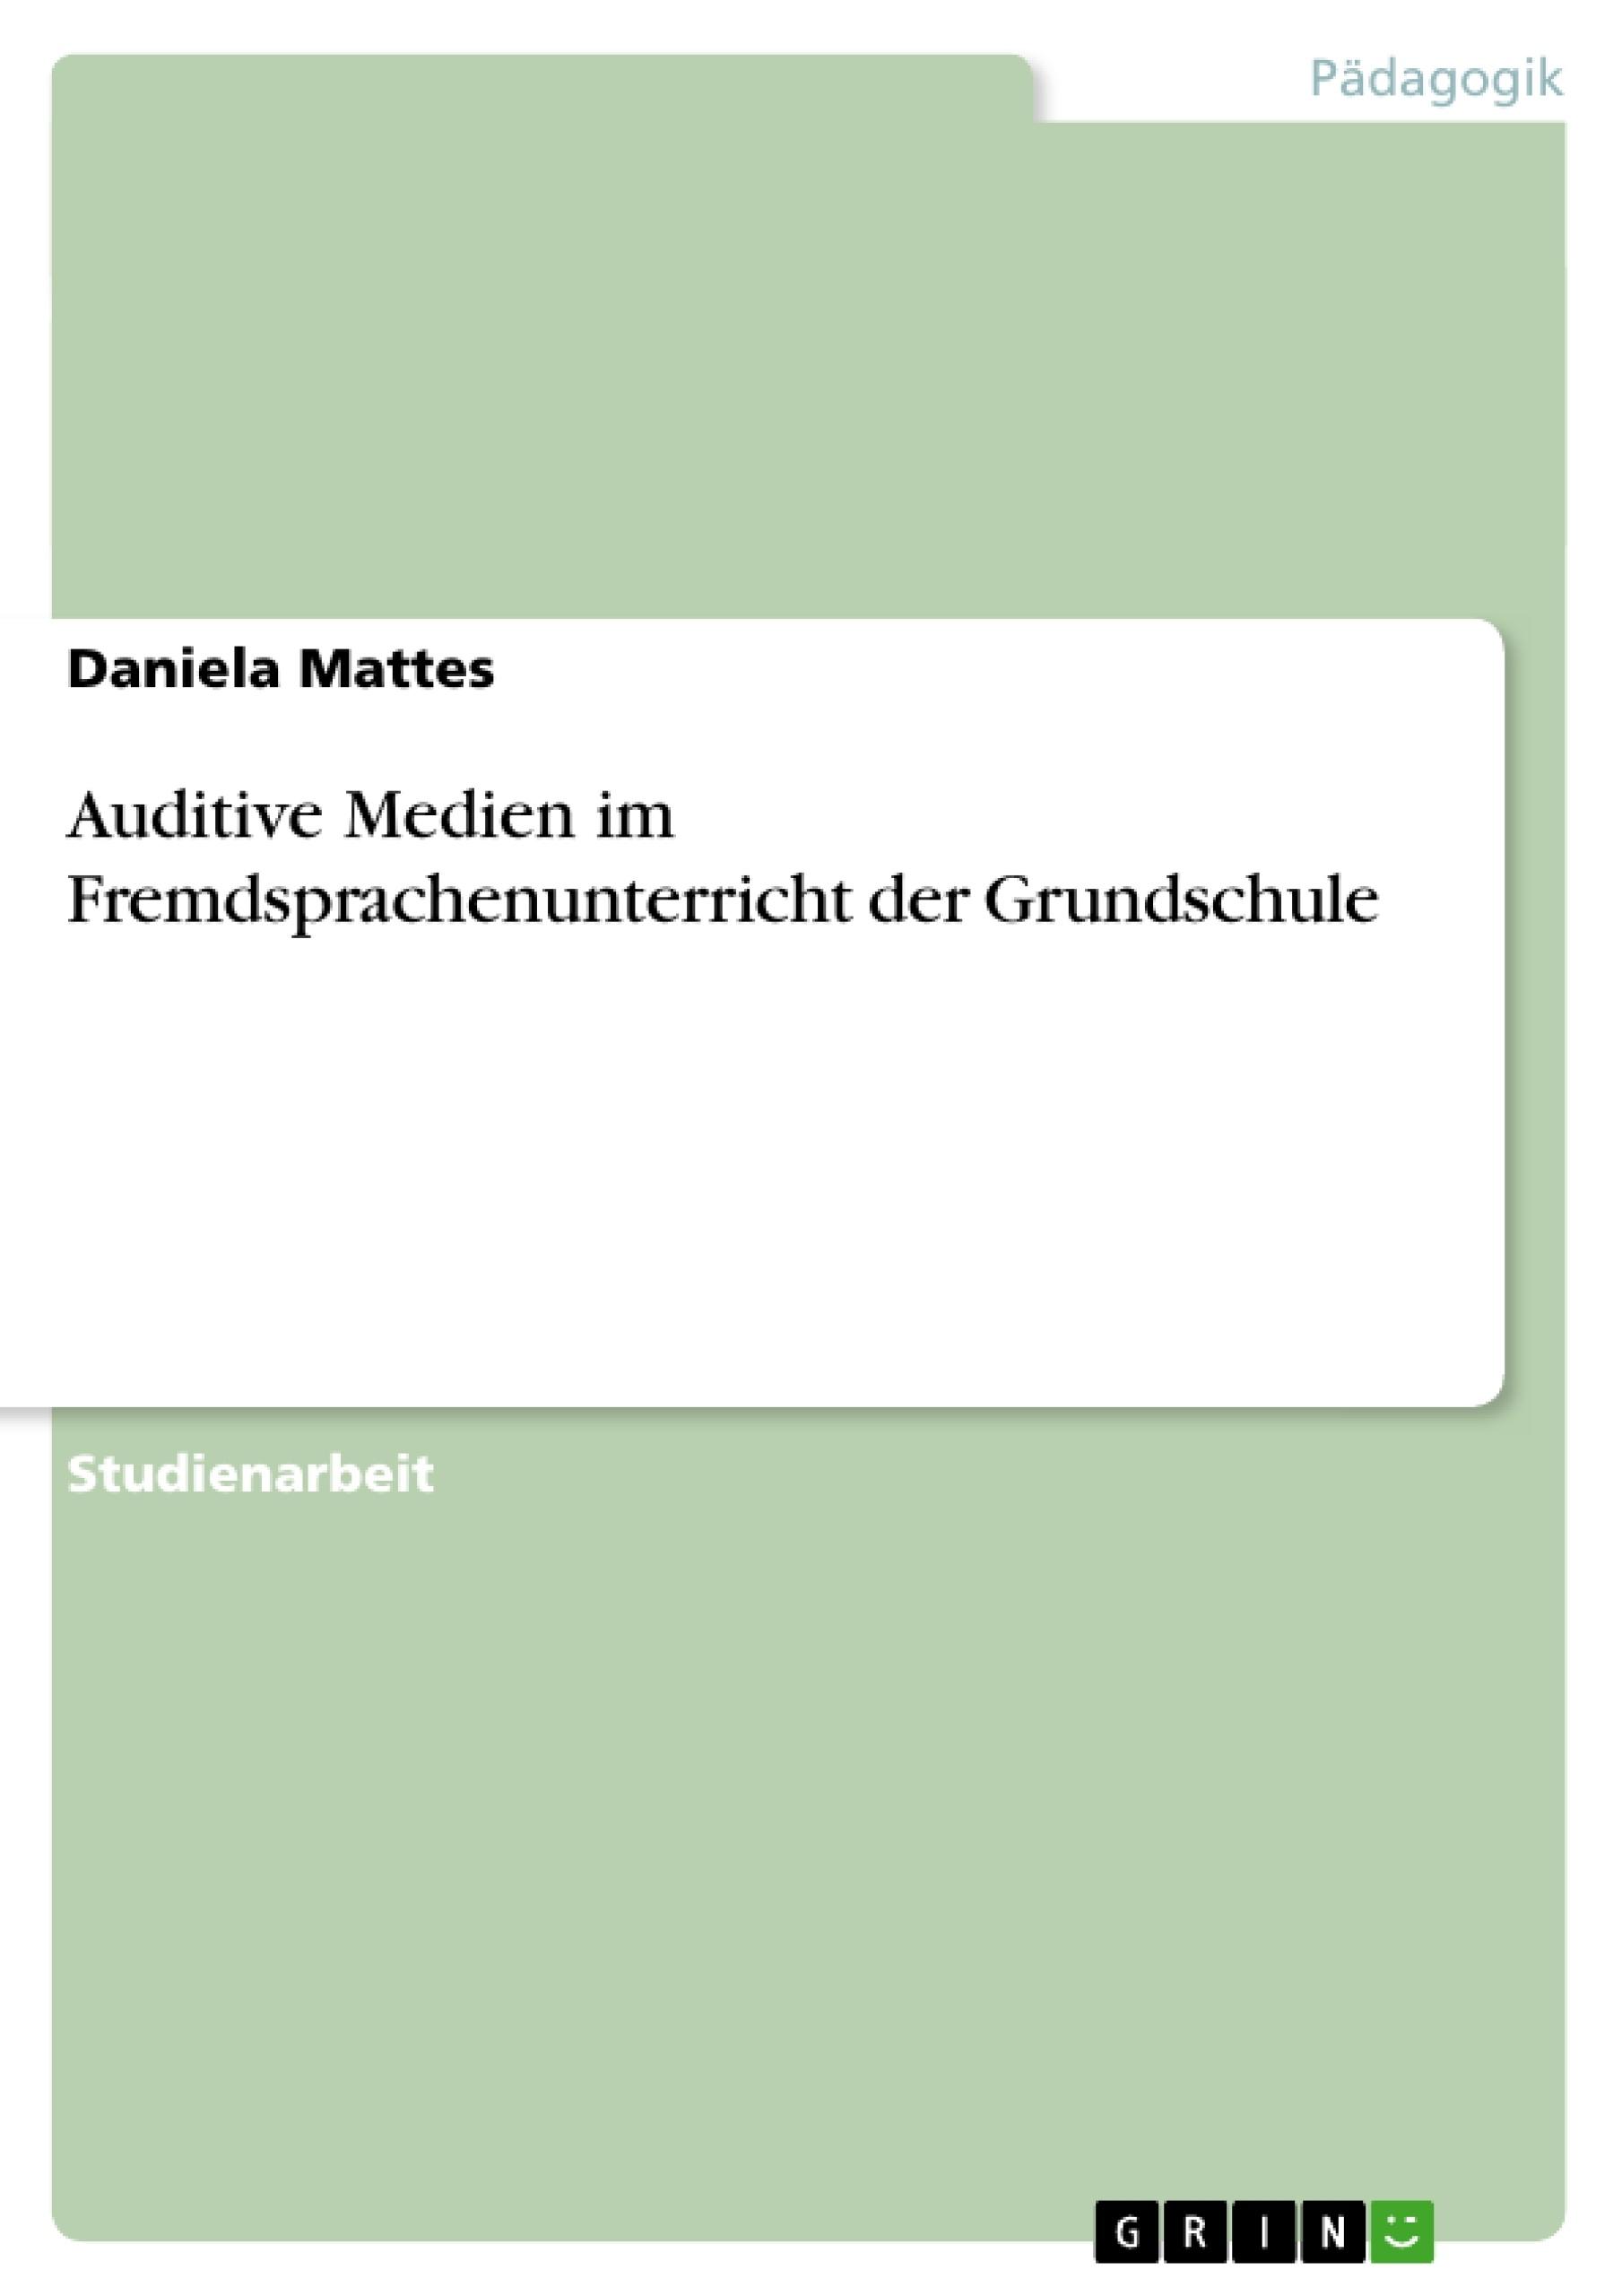 Titel: Auditive Medien im Fremdsprachenunterricht der Grundschule